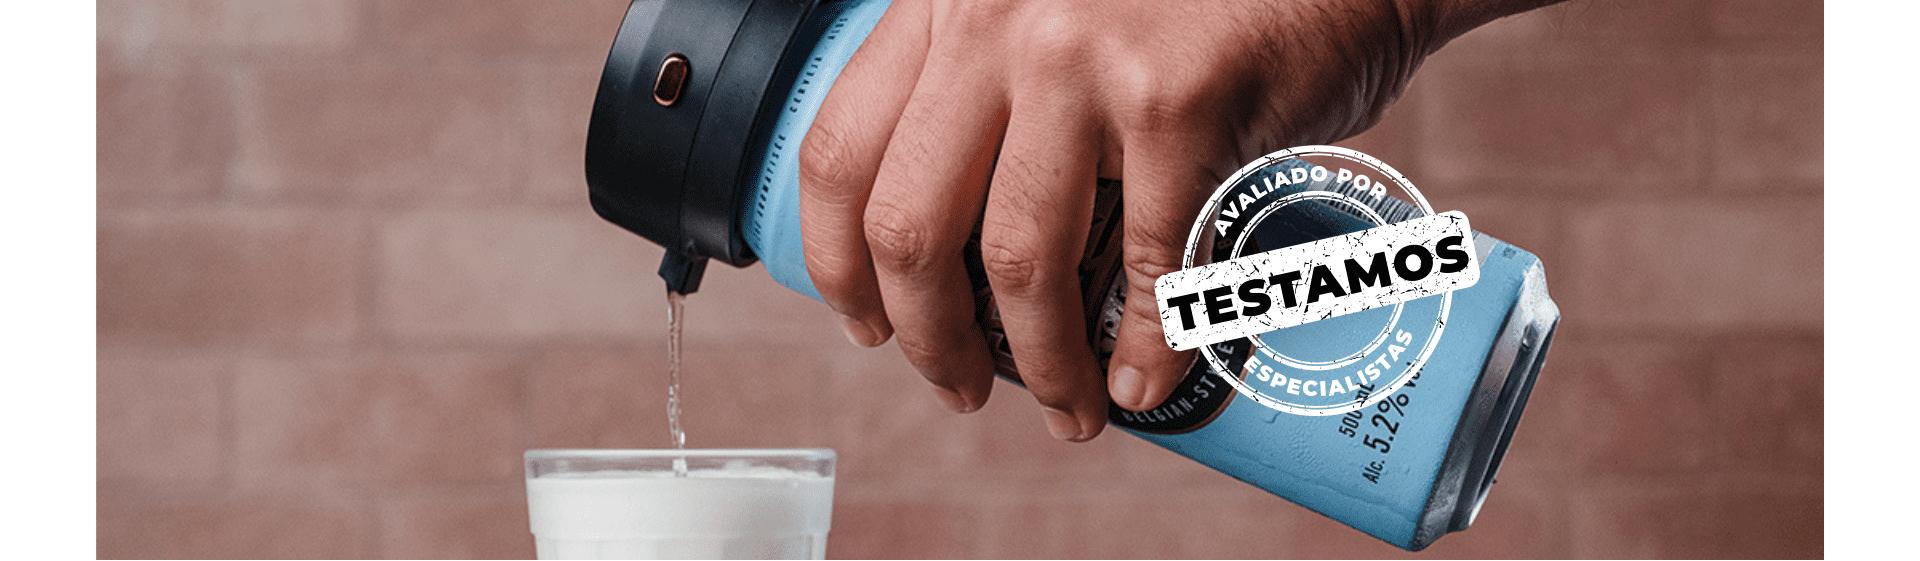 Chopeira portátil Xiaomi para latas: aparelho transforma qualquer cerveja em chope